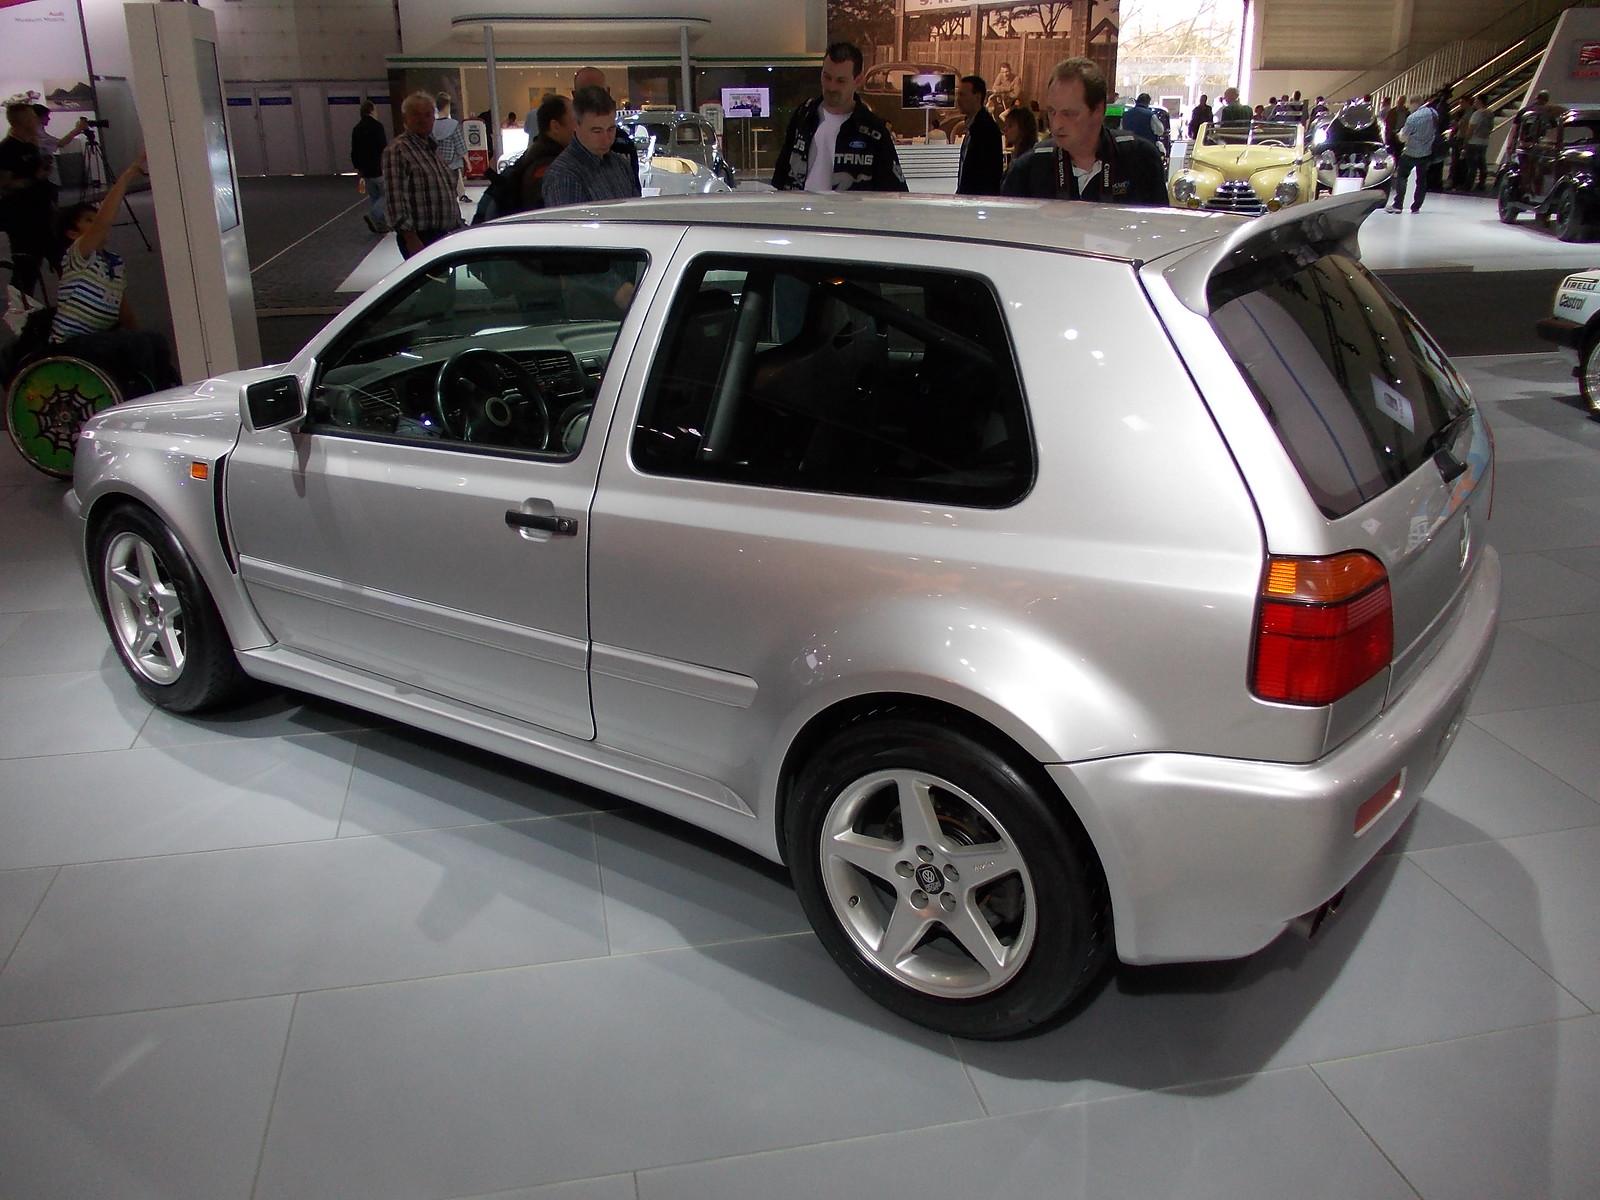 VW Golf III A59 Rallye Prototype 1993 -2-